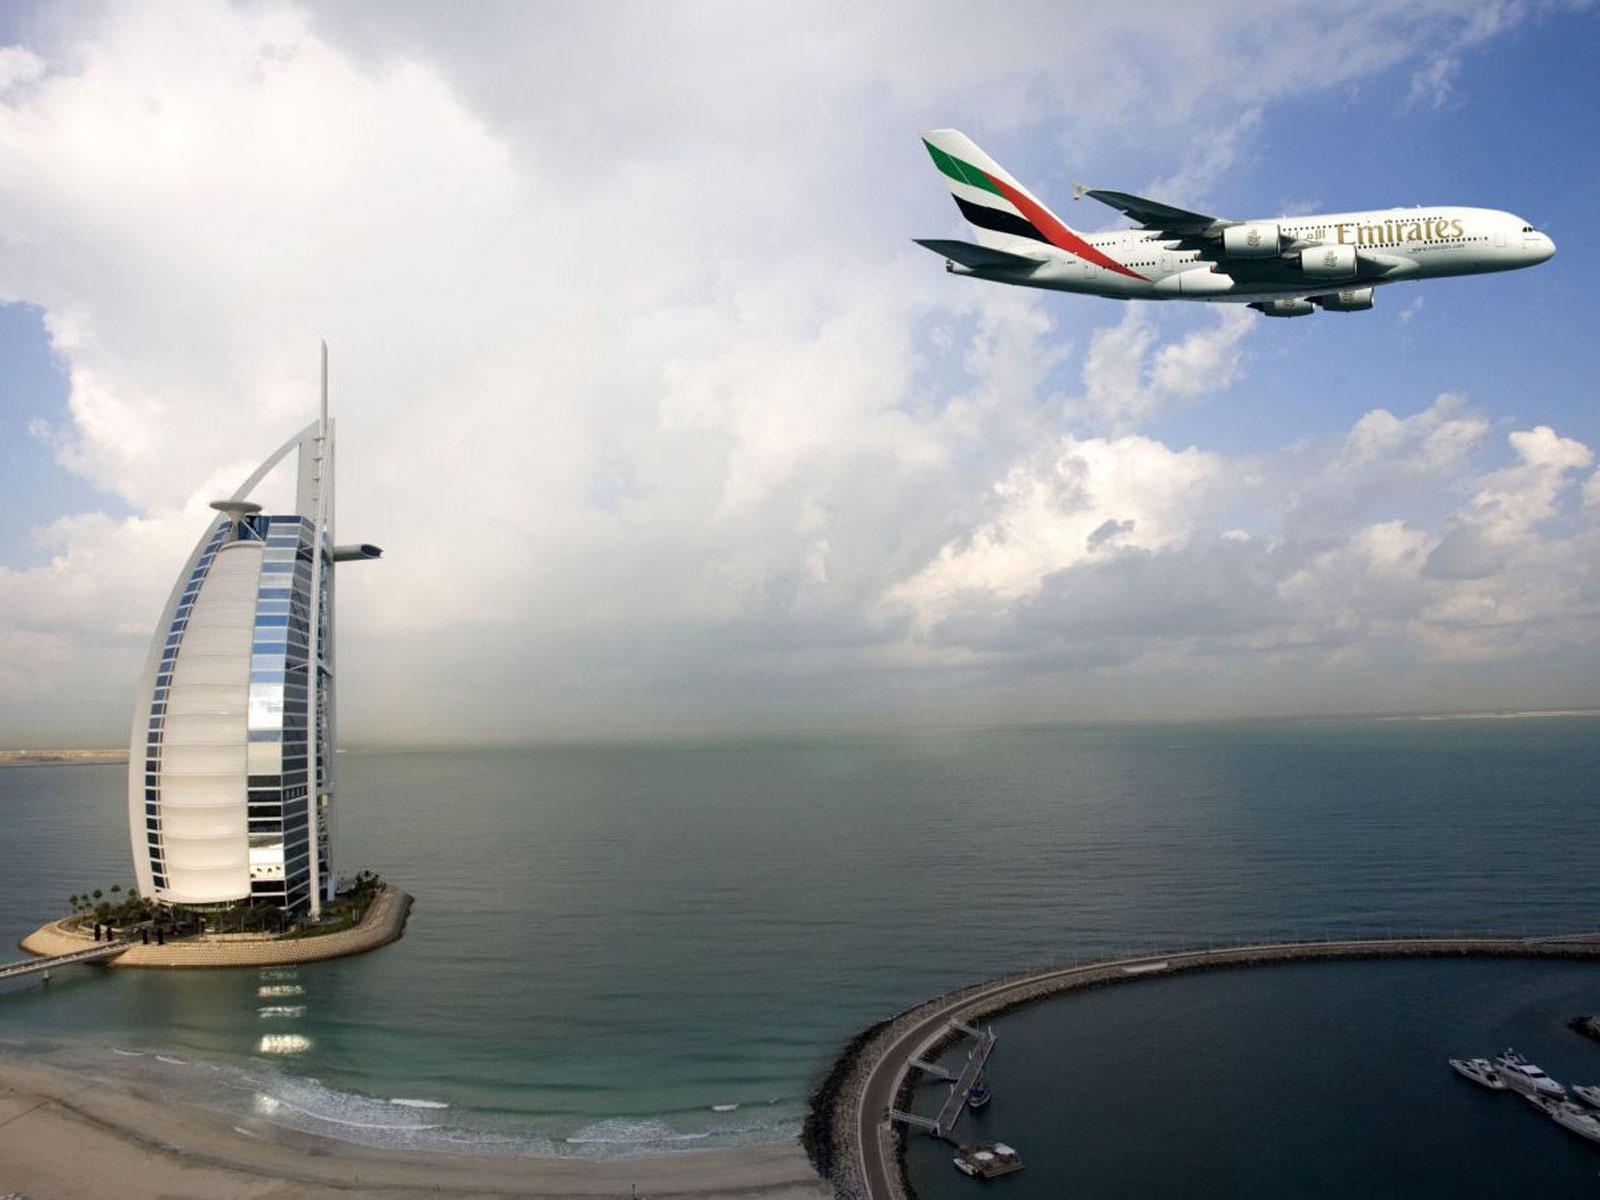 Dubai viza cene - cene vize za Dubai - cene vize za Abu dabi